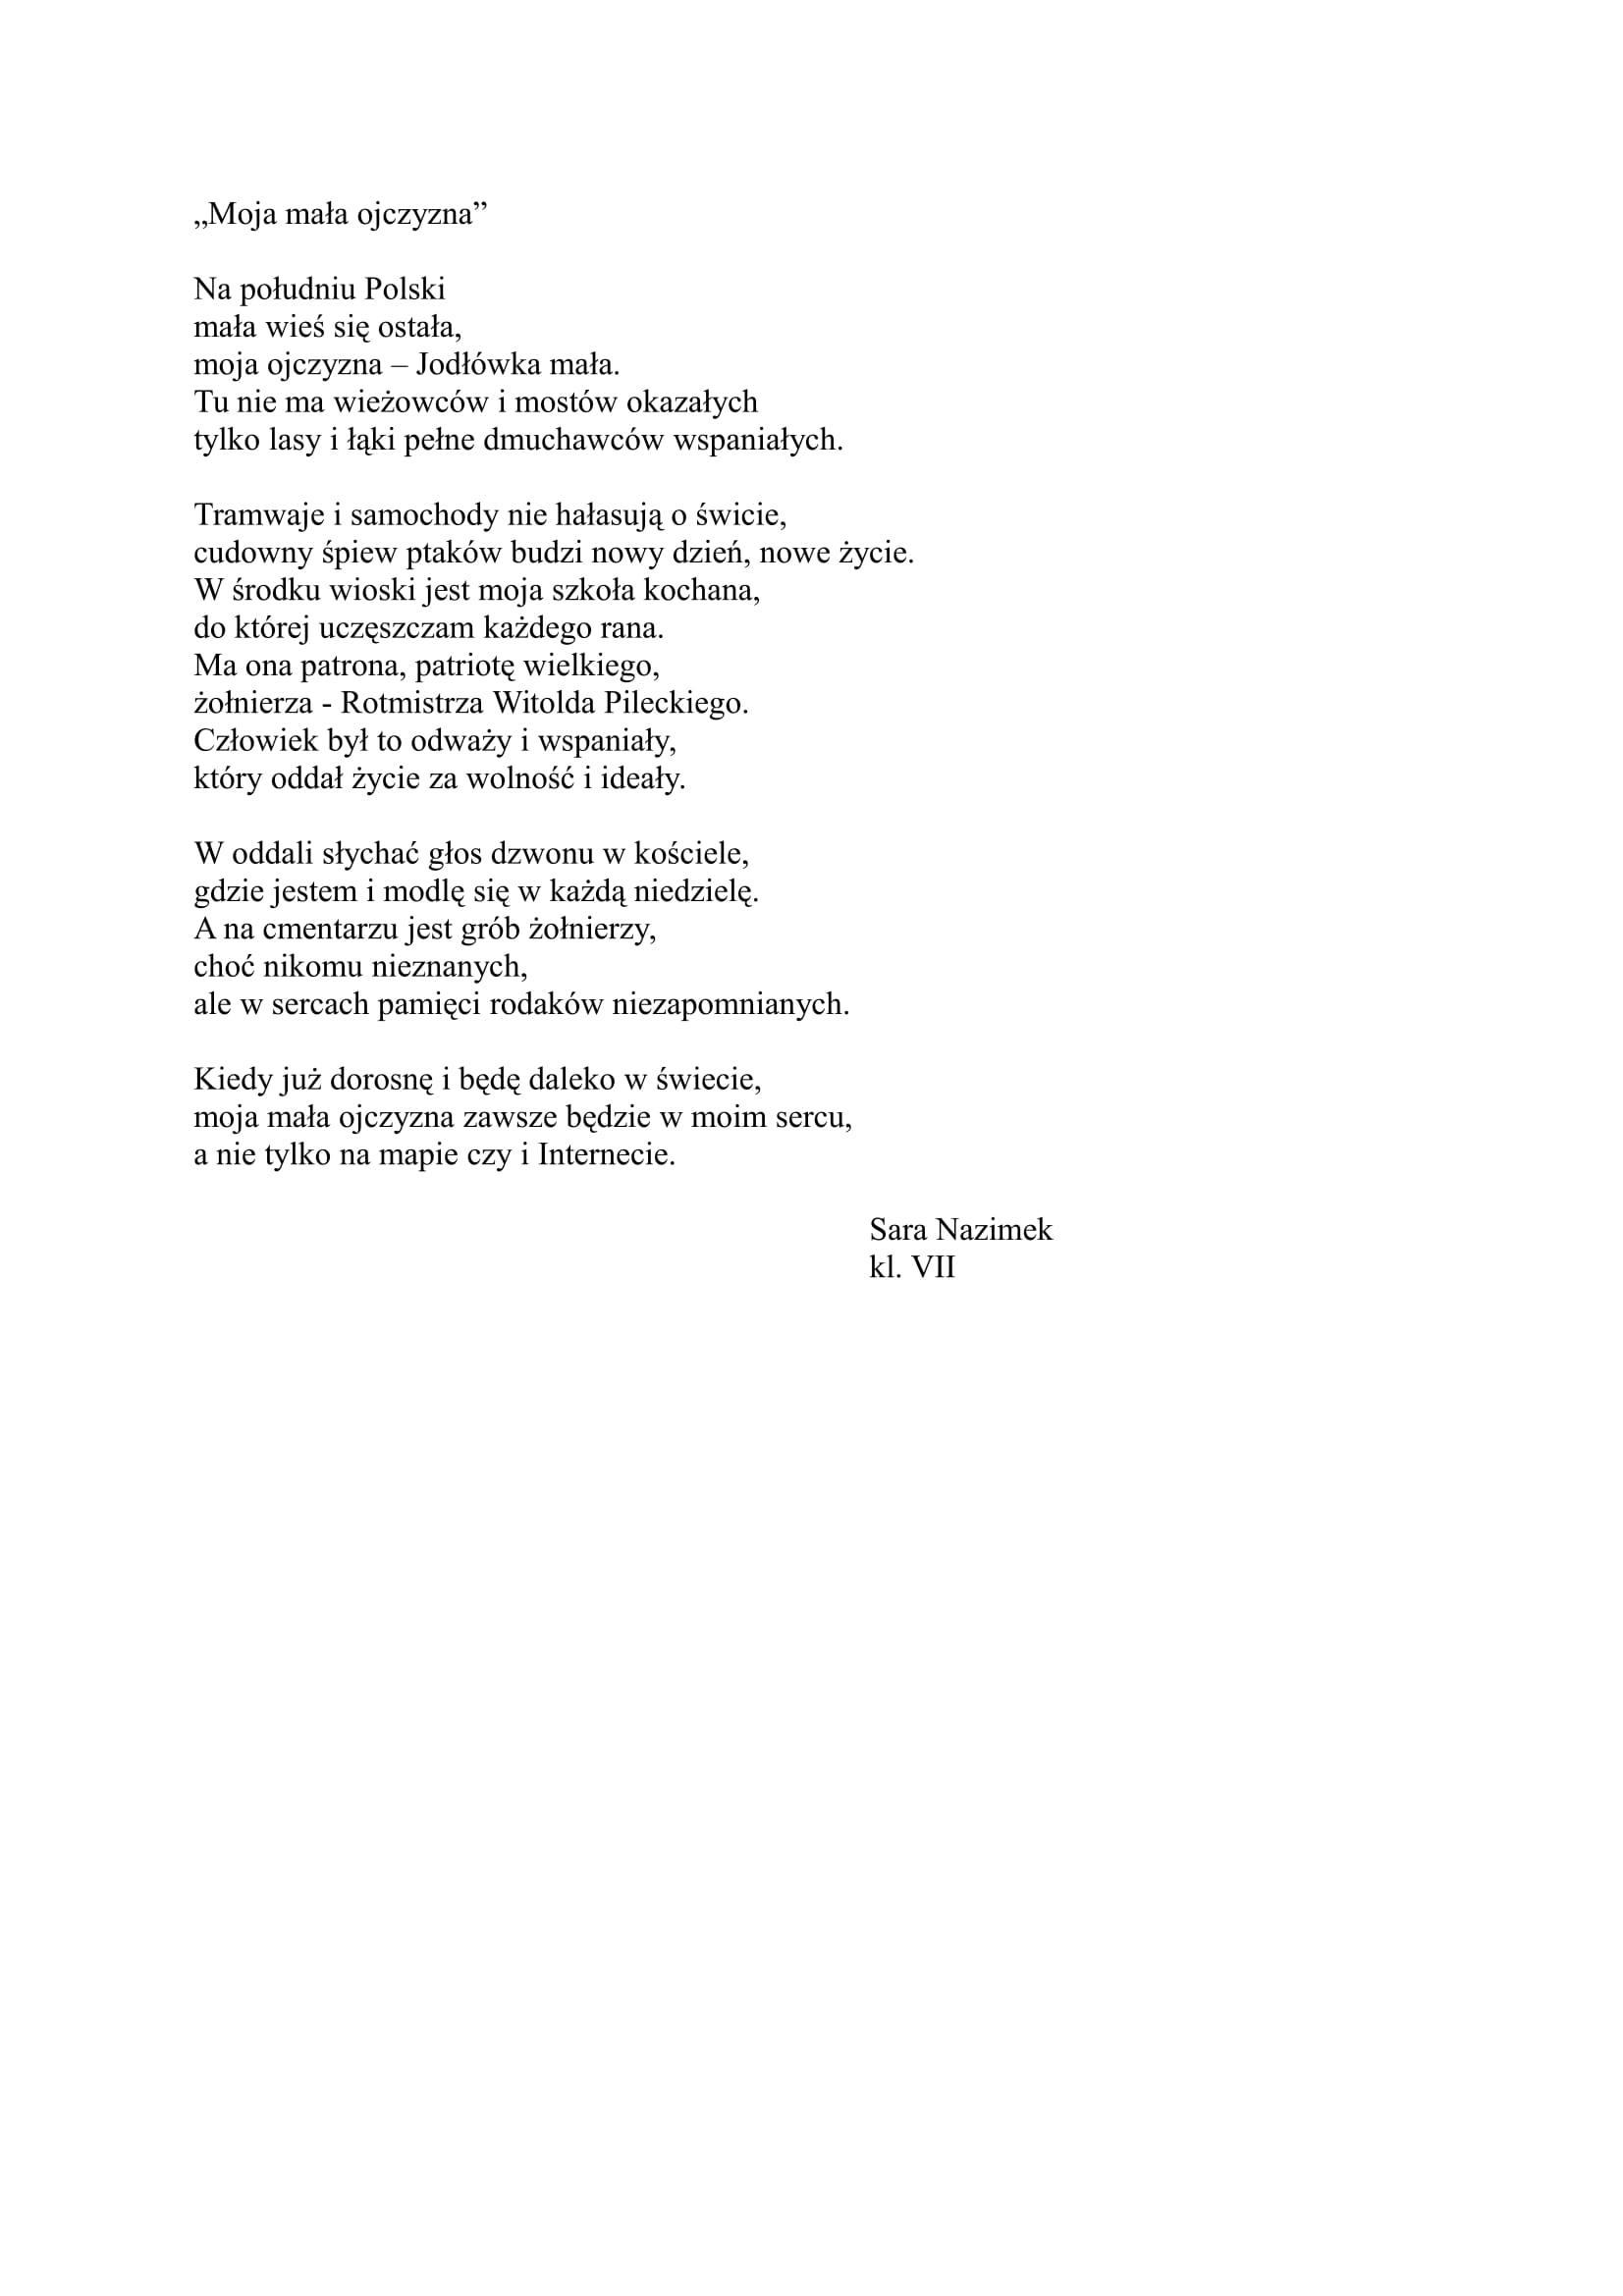 Moja mała ojczyzna - Sara Nazimek-1